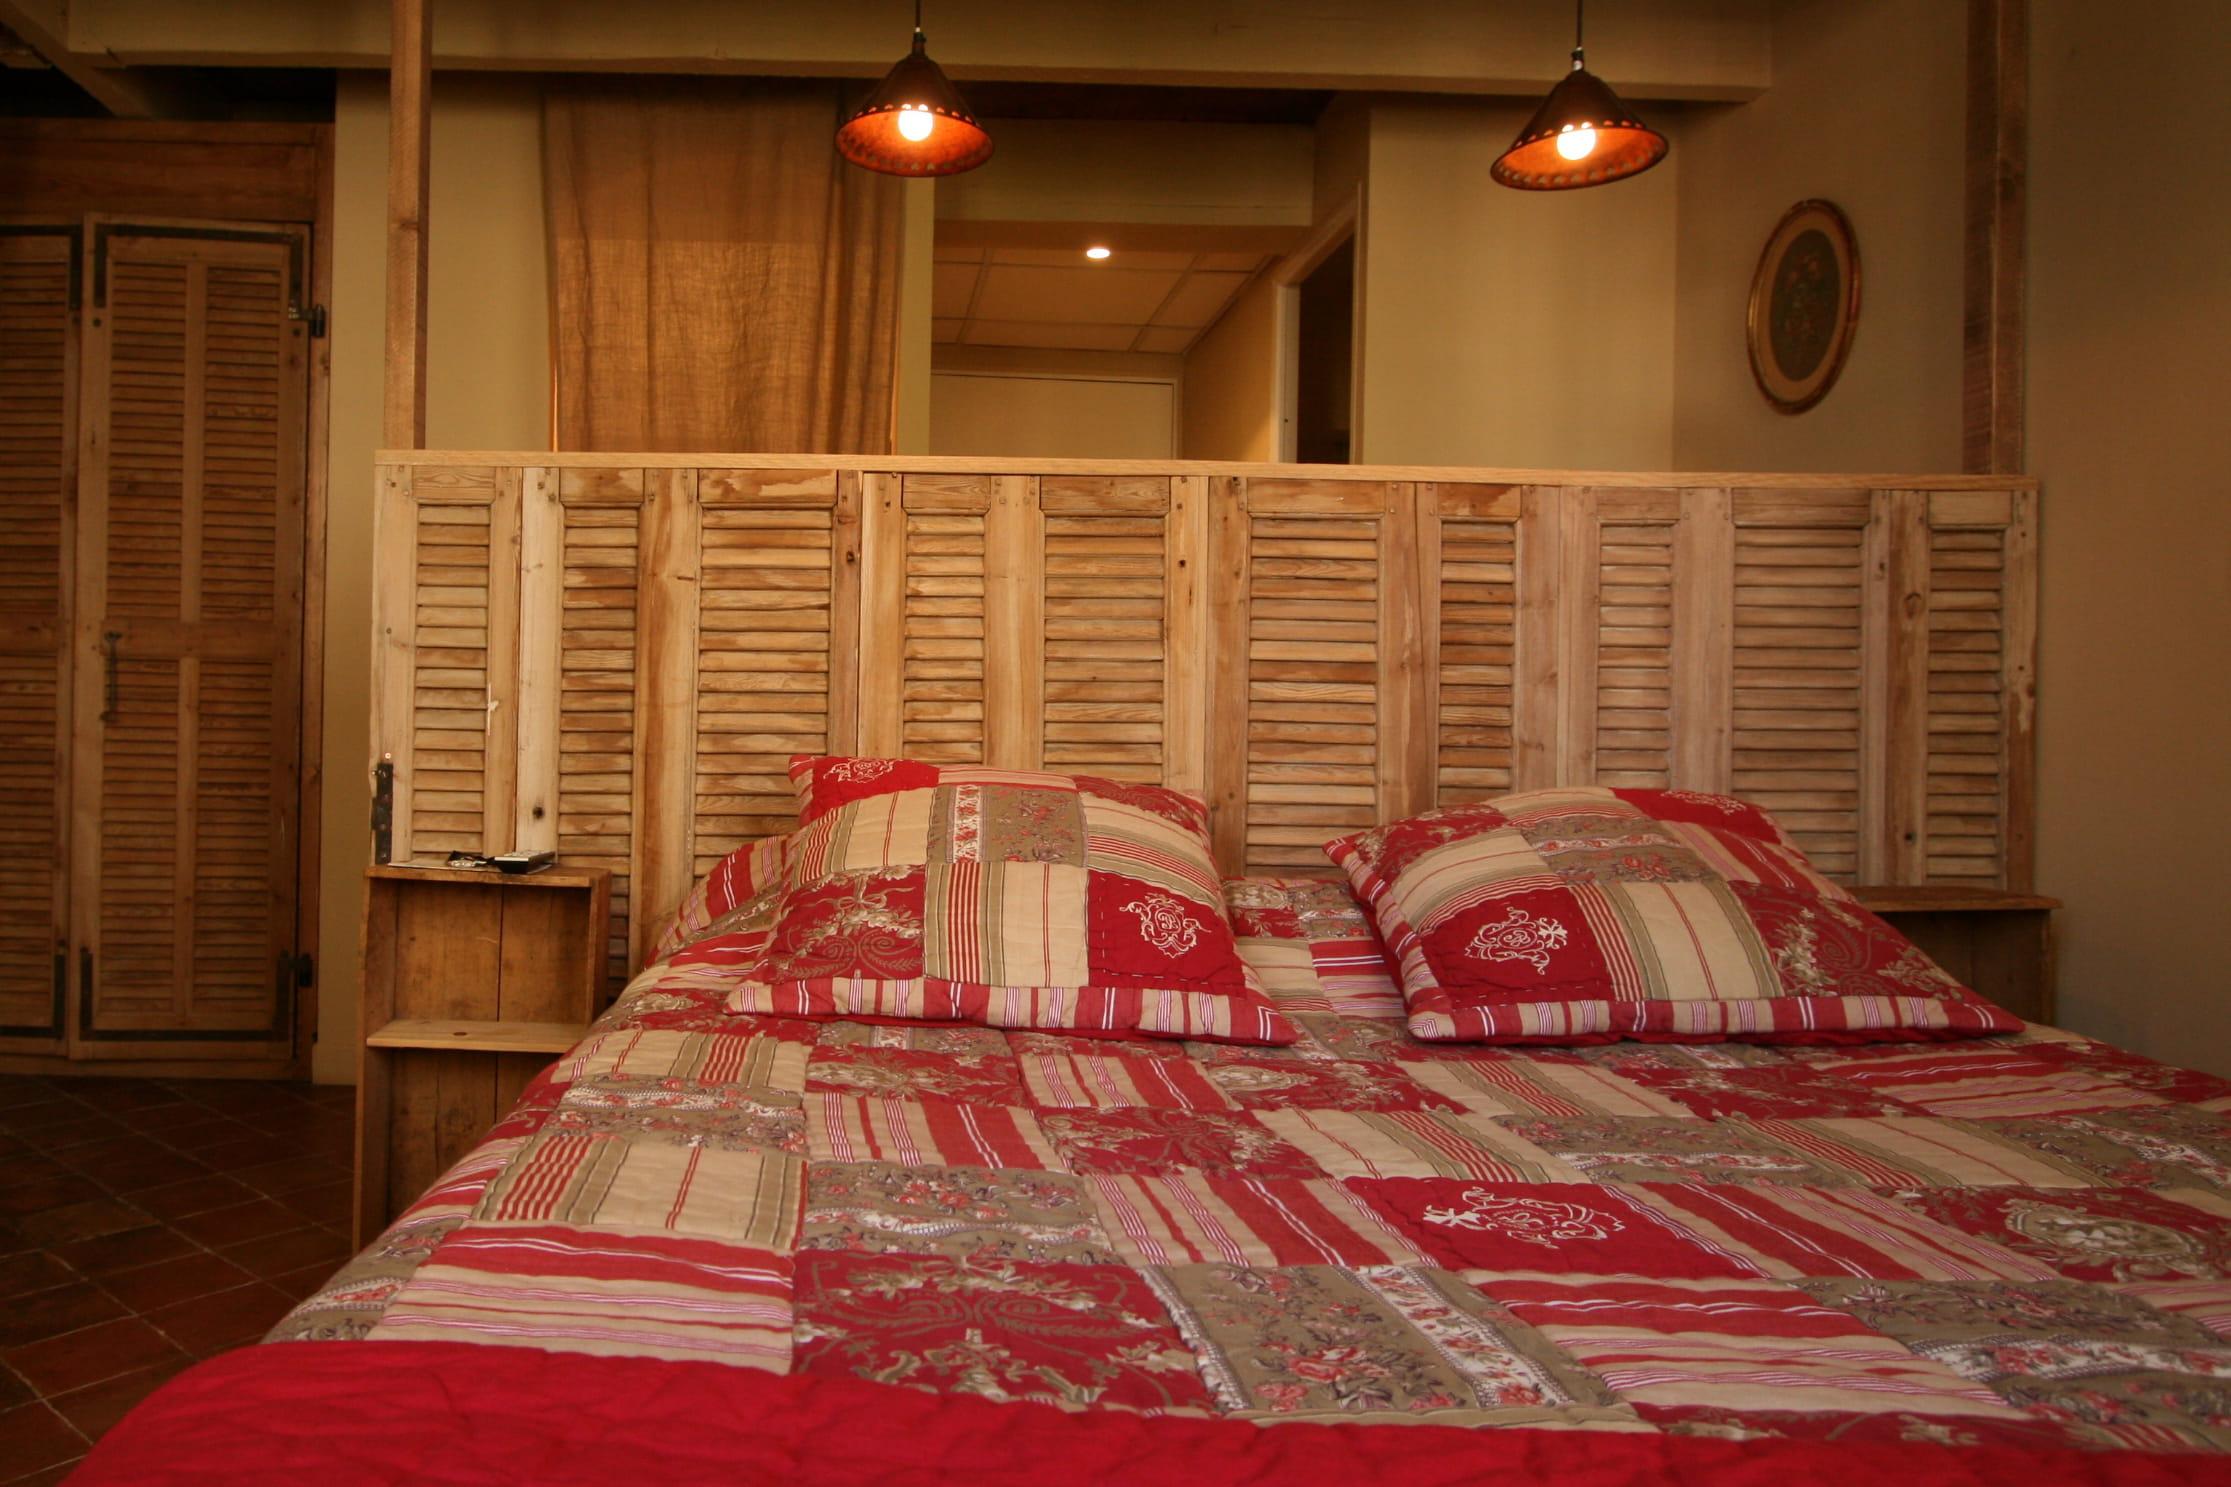 une cloison en persienne cloison mi hauteur quels sont ses avantages journal des femmes. Black Bedroom Furniture Sets. Home Design Ideas